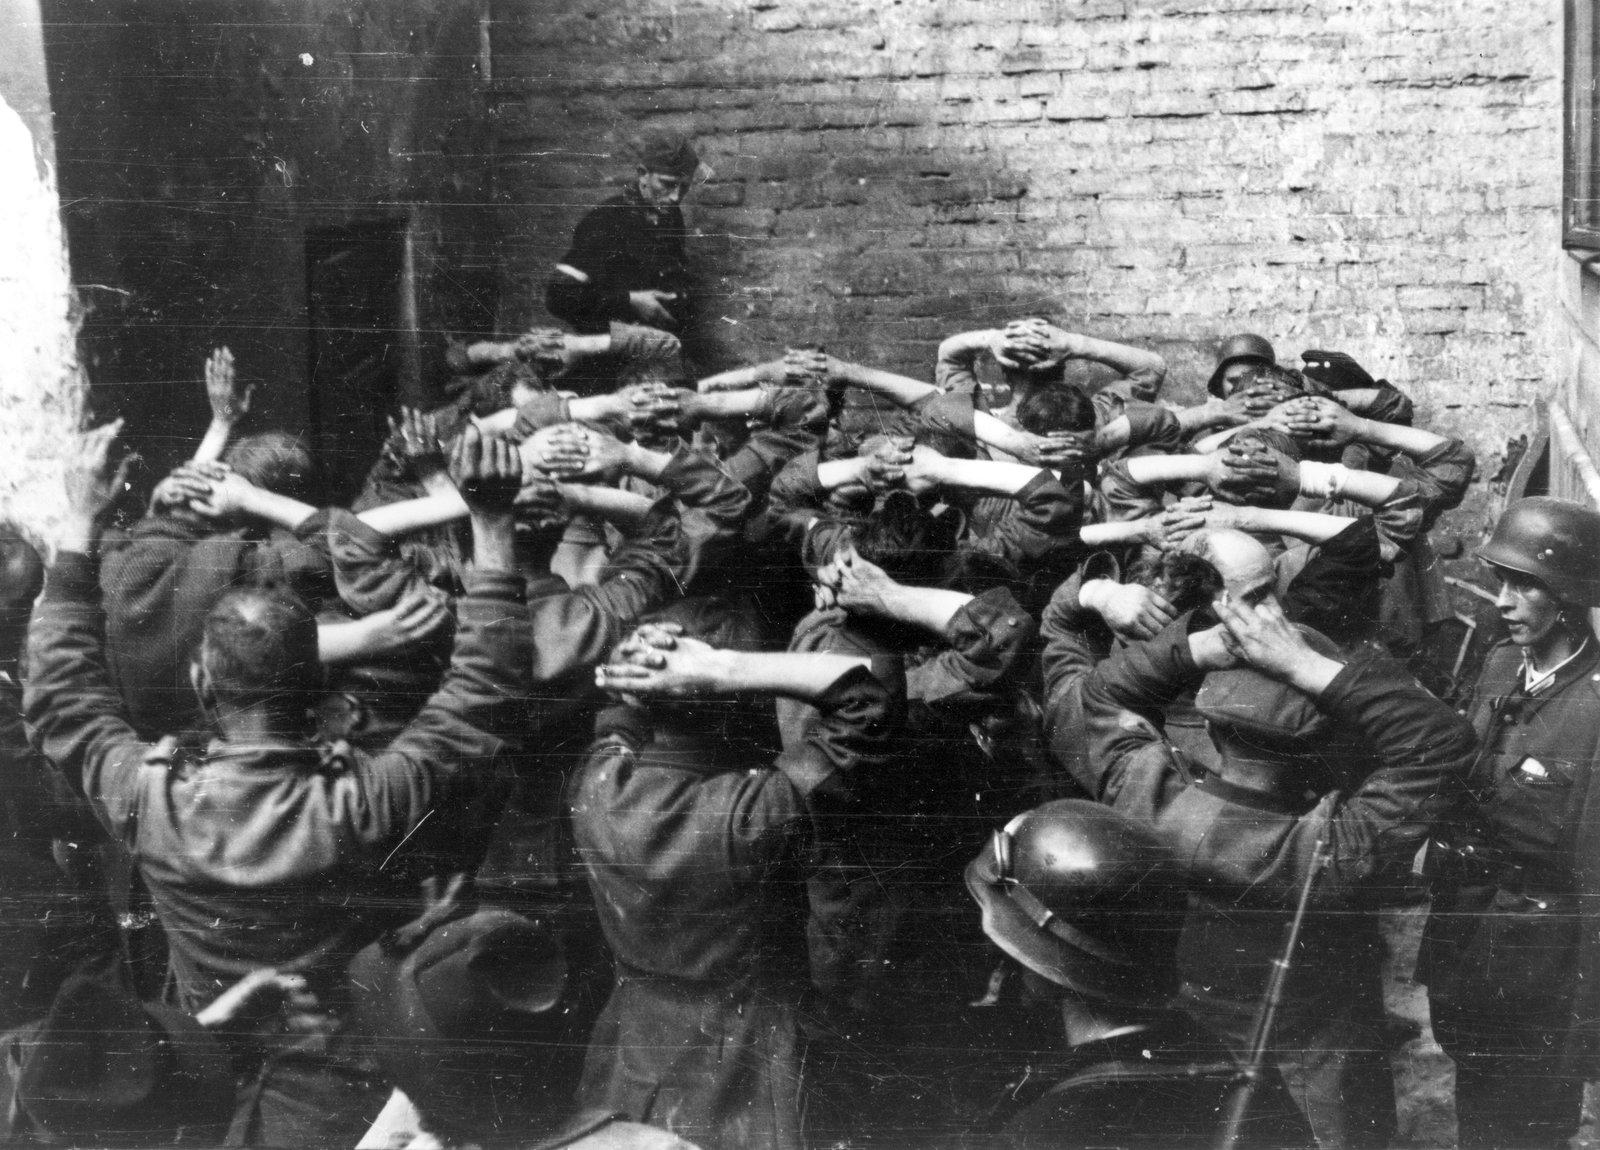 Jeńcyniemieccy wzięci do niewoli wpierwszych dniach powstania. Takich obrazków było wdalszym okresie zmagań niewiele Jeńcyniemieccy wzięci do niewoli wpierwszych dniach powstania. Takich obrazków było wdalszym okresie zmagań niewiele Źródło: domena publiczna.